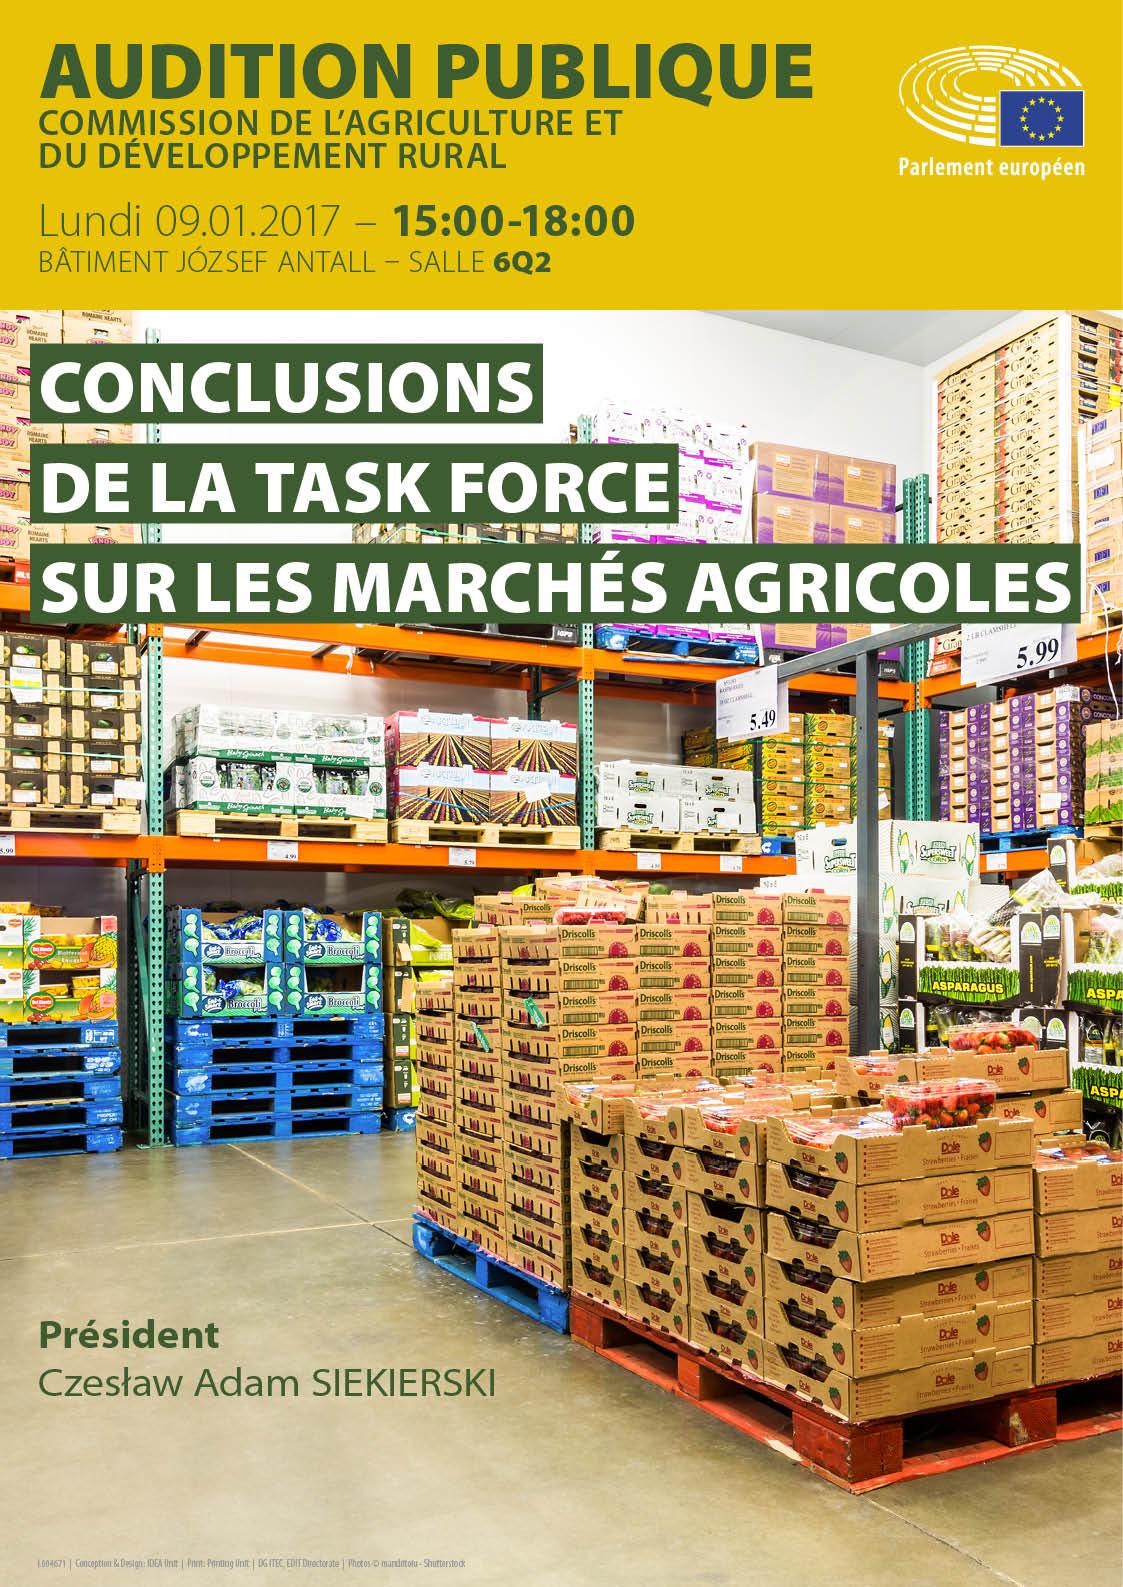 Task Force sur les marchés agricoles